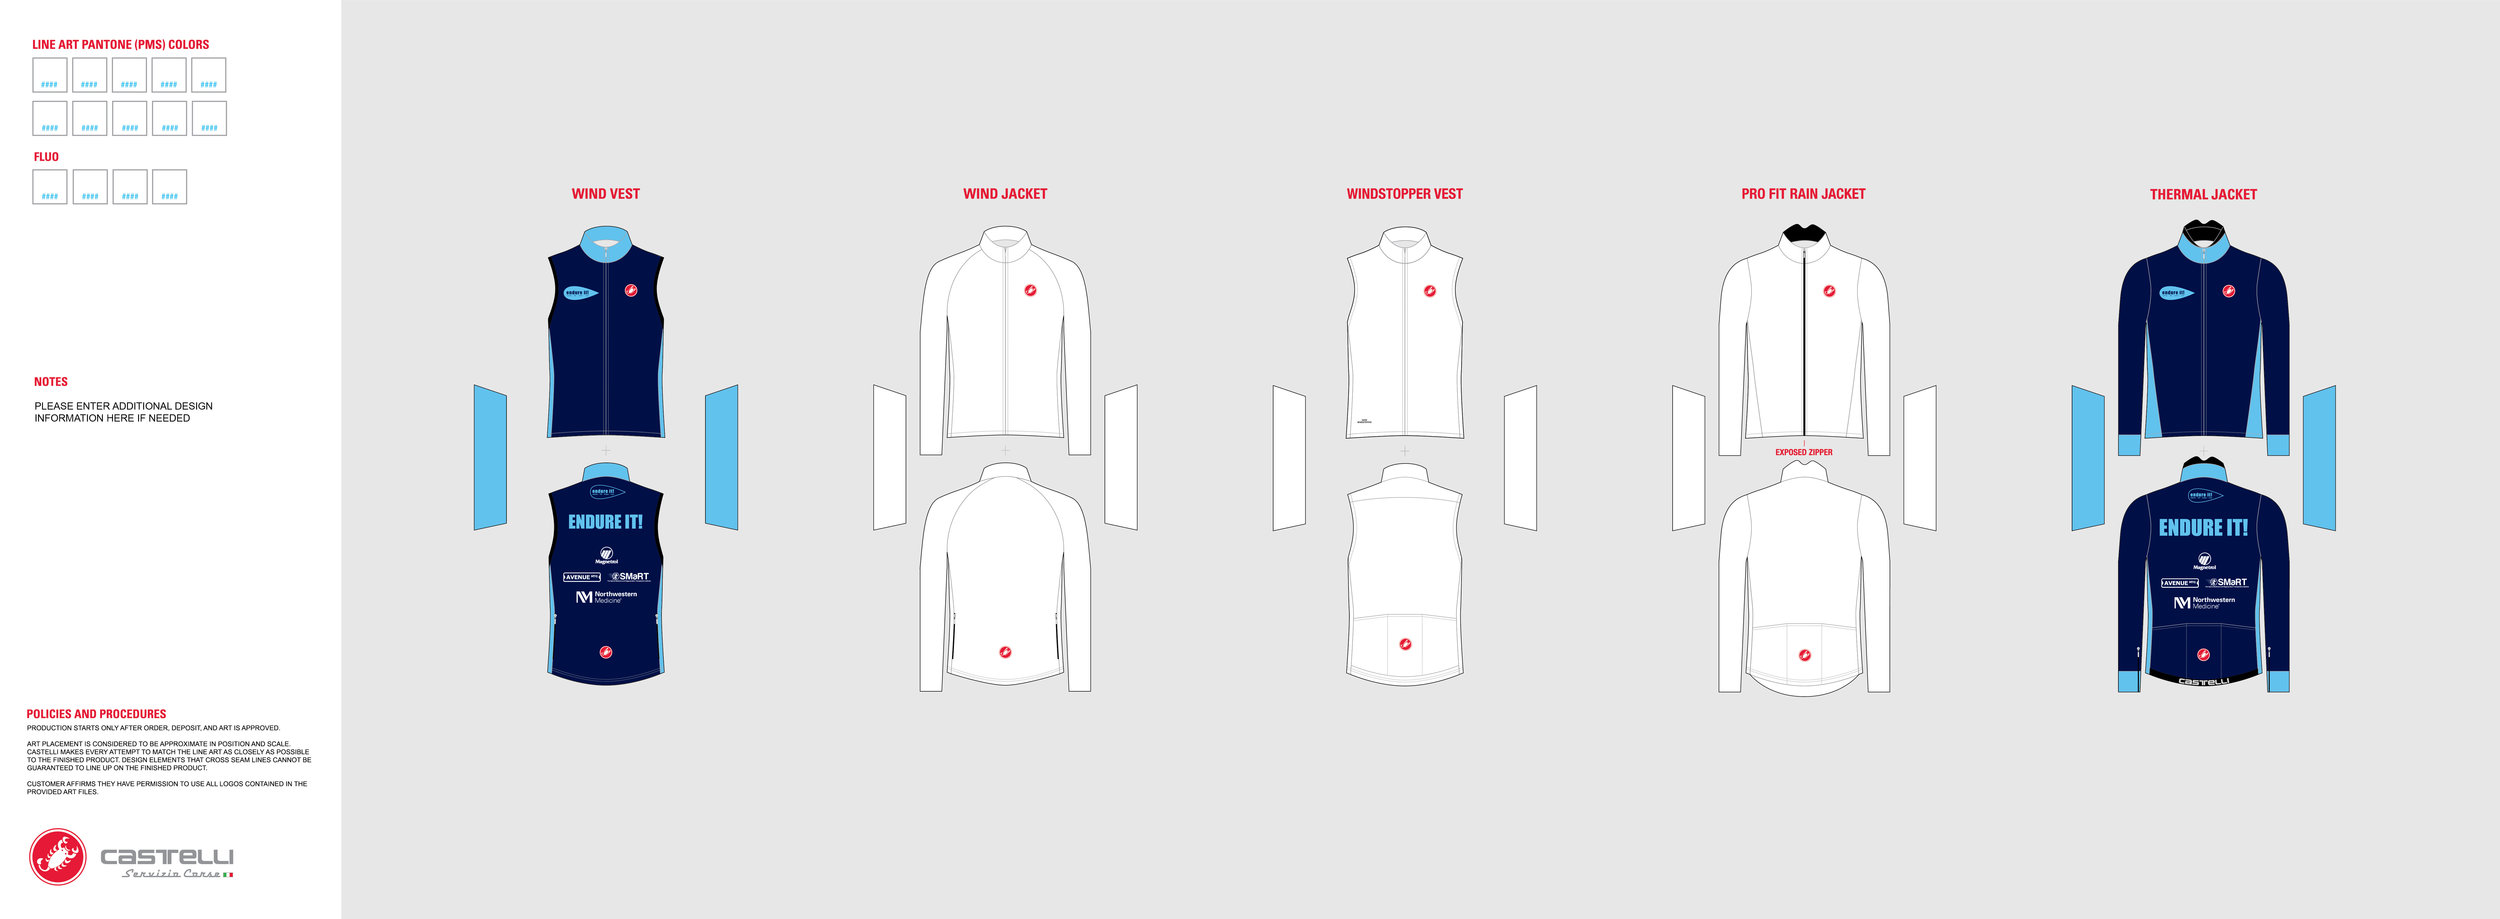 2018 Vest_Thermal Jacket-01.jpg